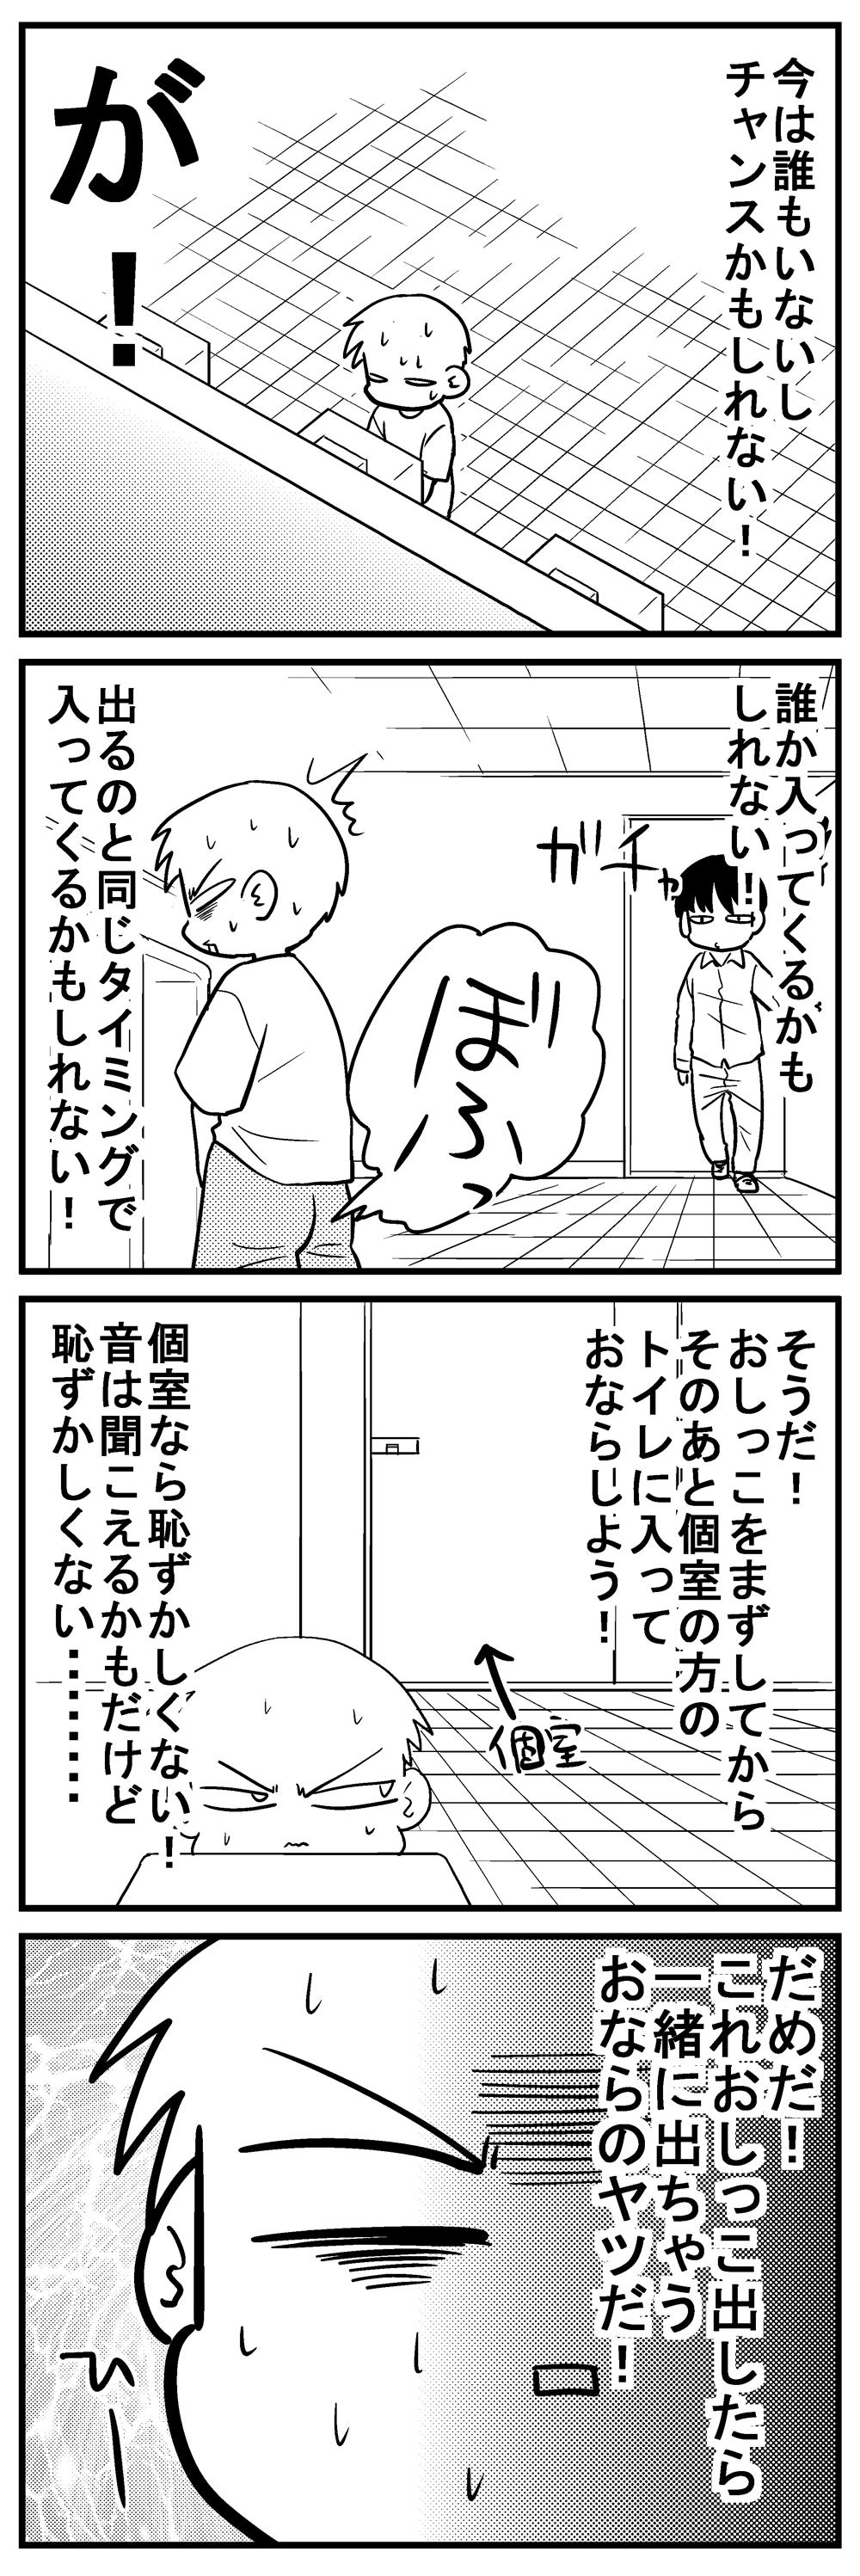 深読みくん58-3